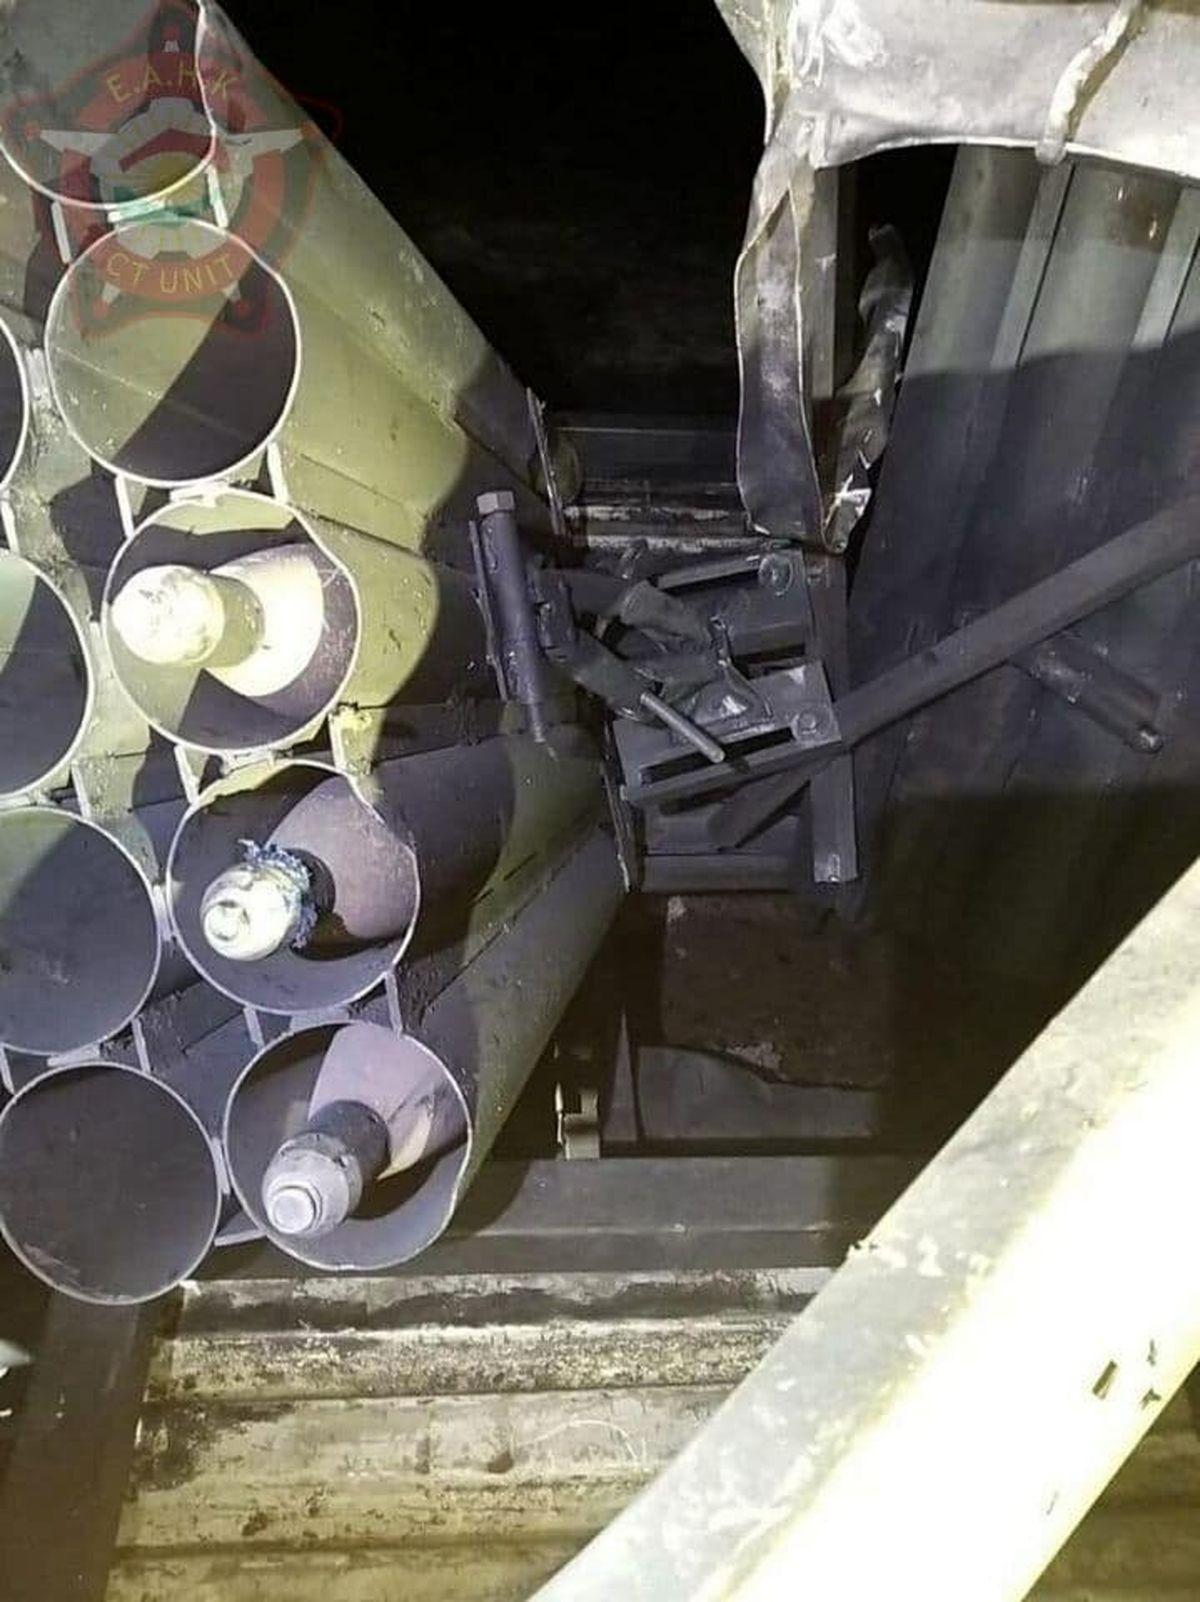 عکس: کشف خودروی حامل موشکانداز در حمله به فرودگاه اربیل